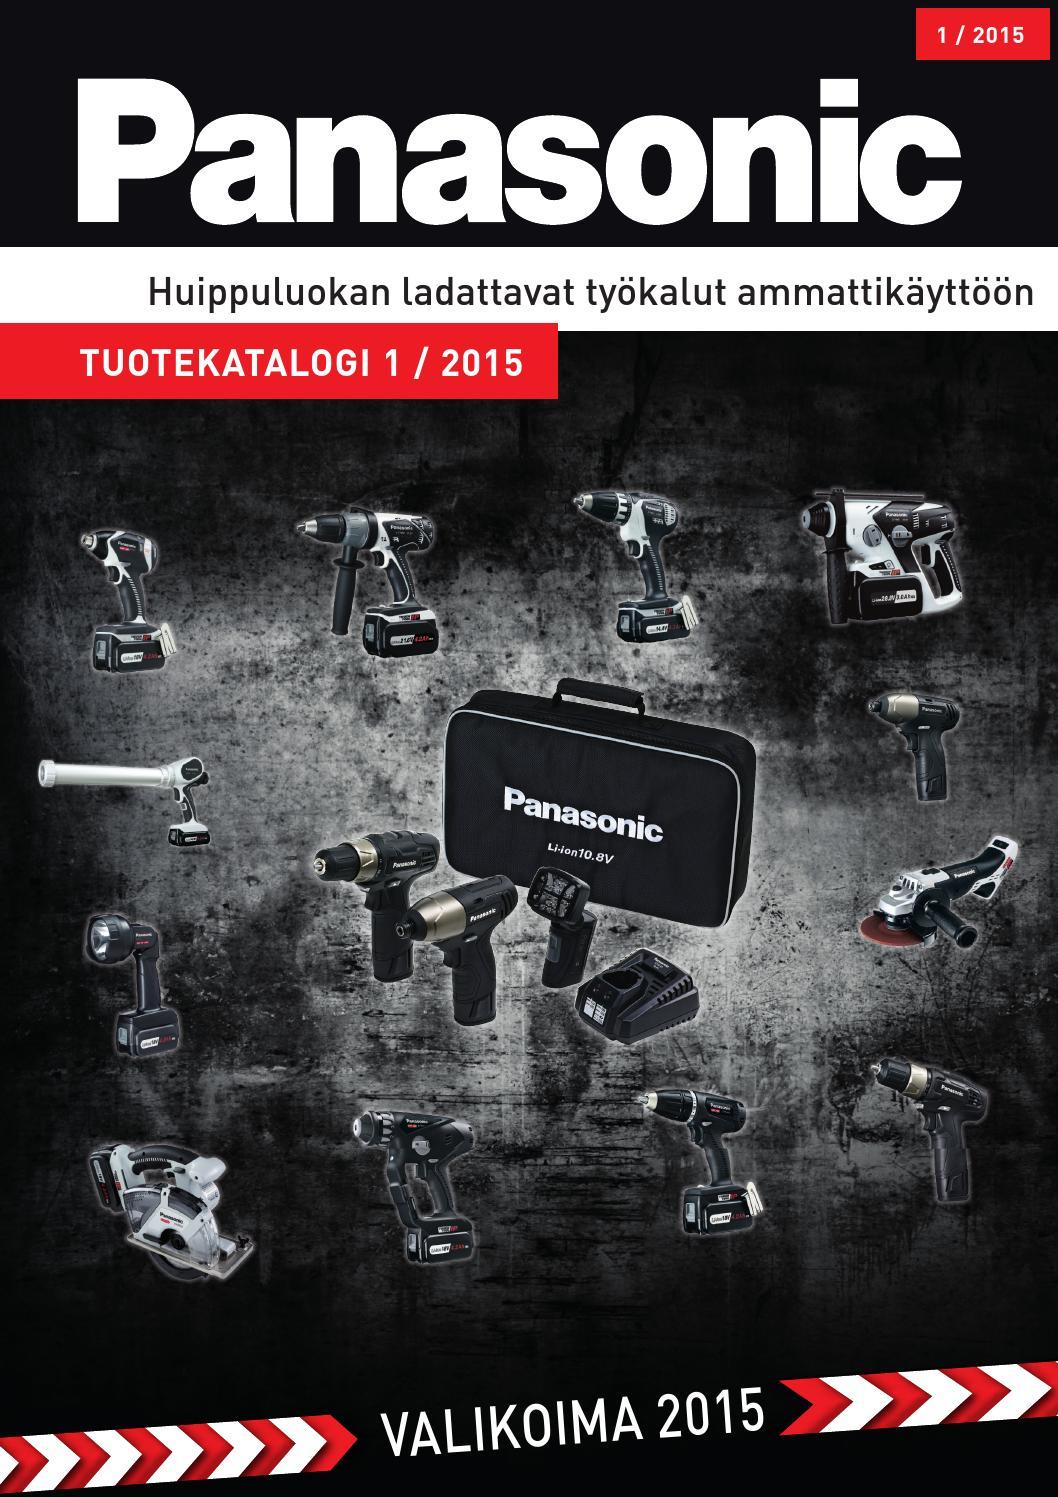 fischertechnik Einzelteilliste 2010 by fischertechnik friend - issuu